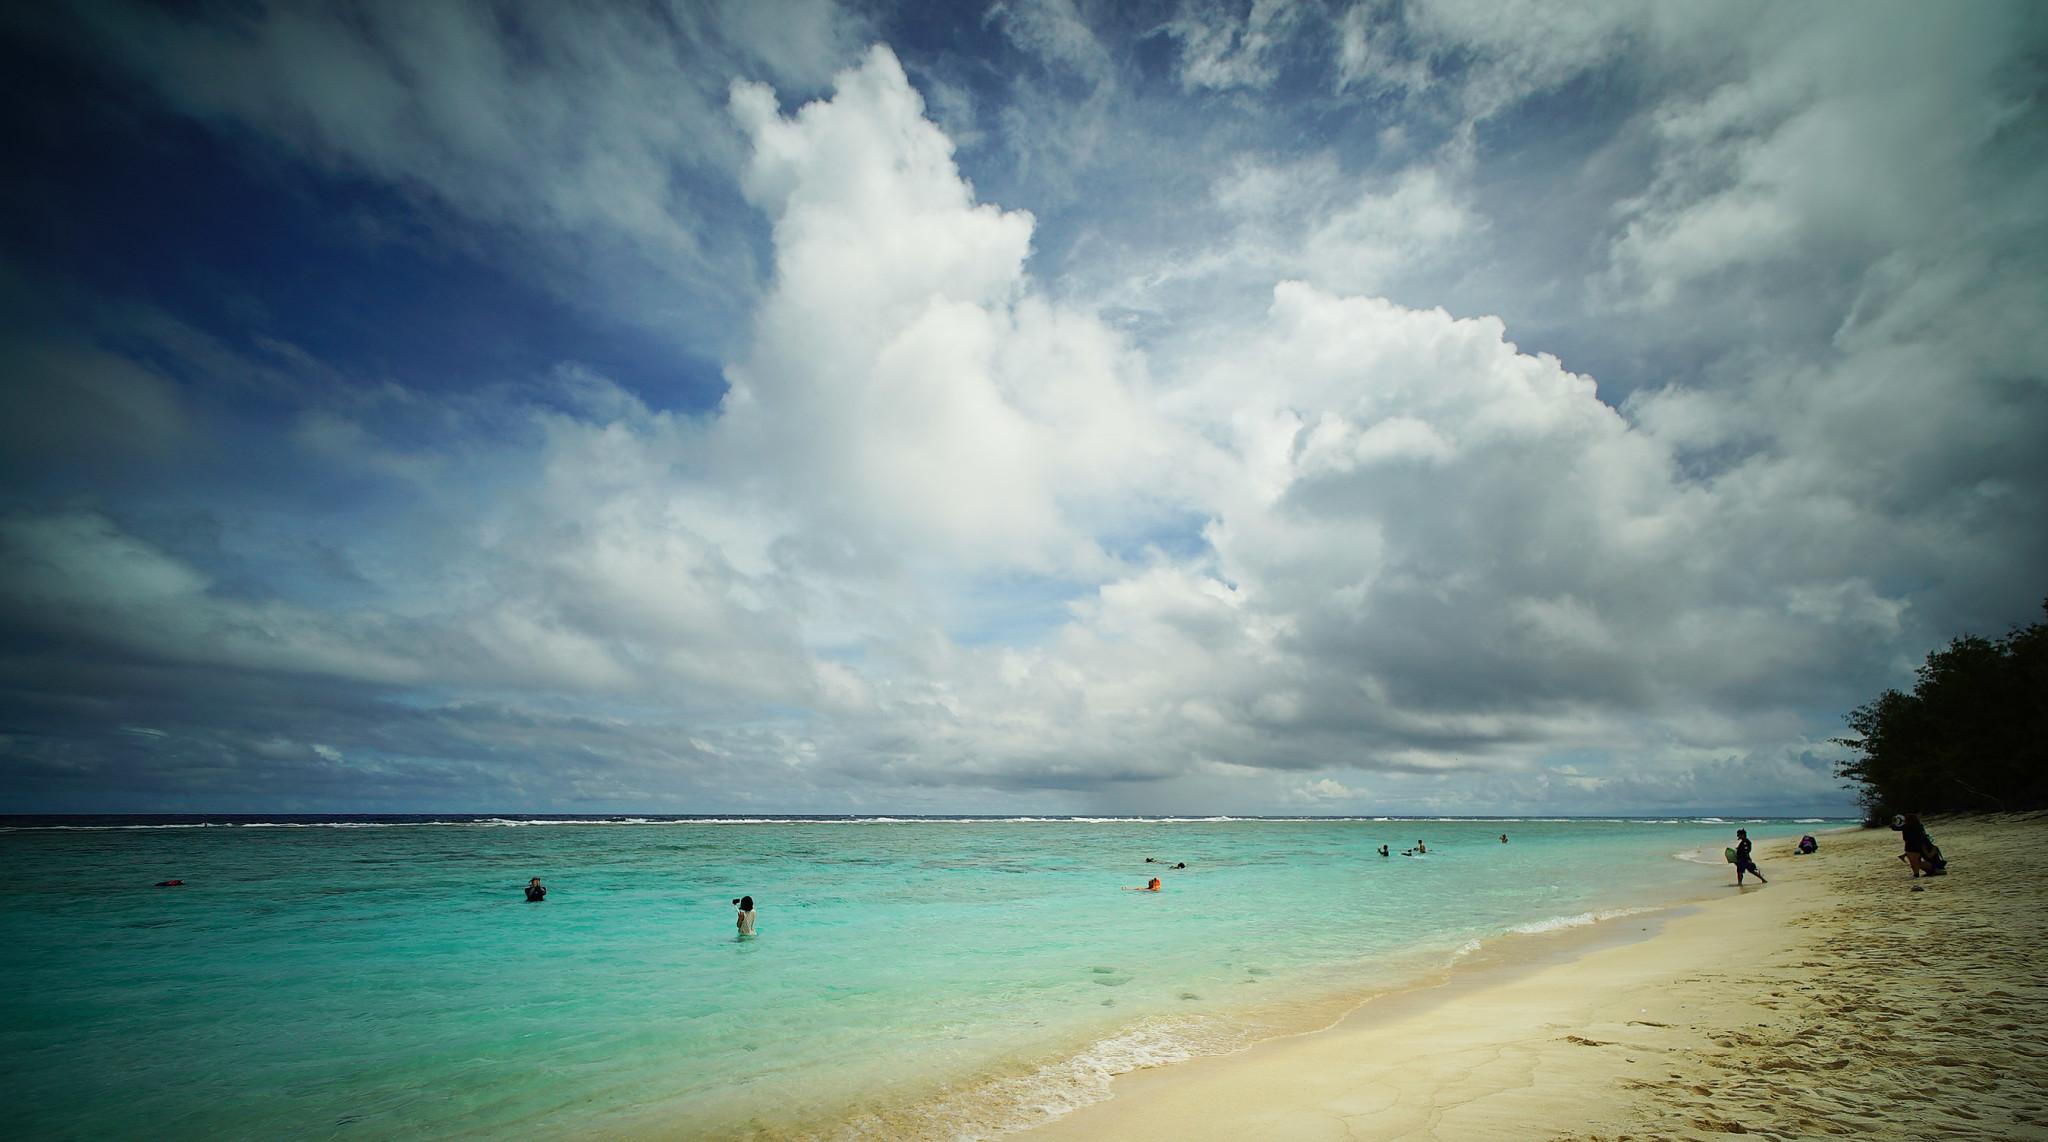 Marianas Ritidian Beach guam. 22 aug 2016